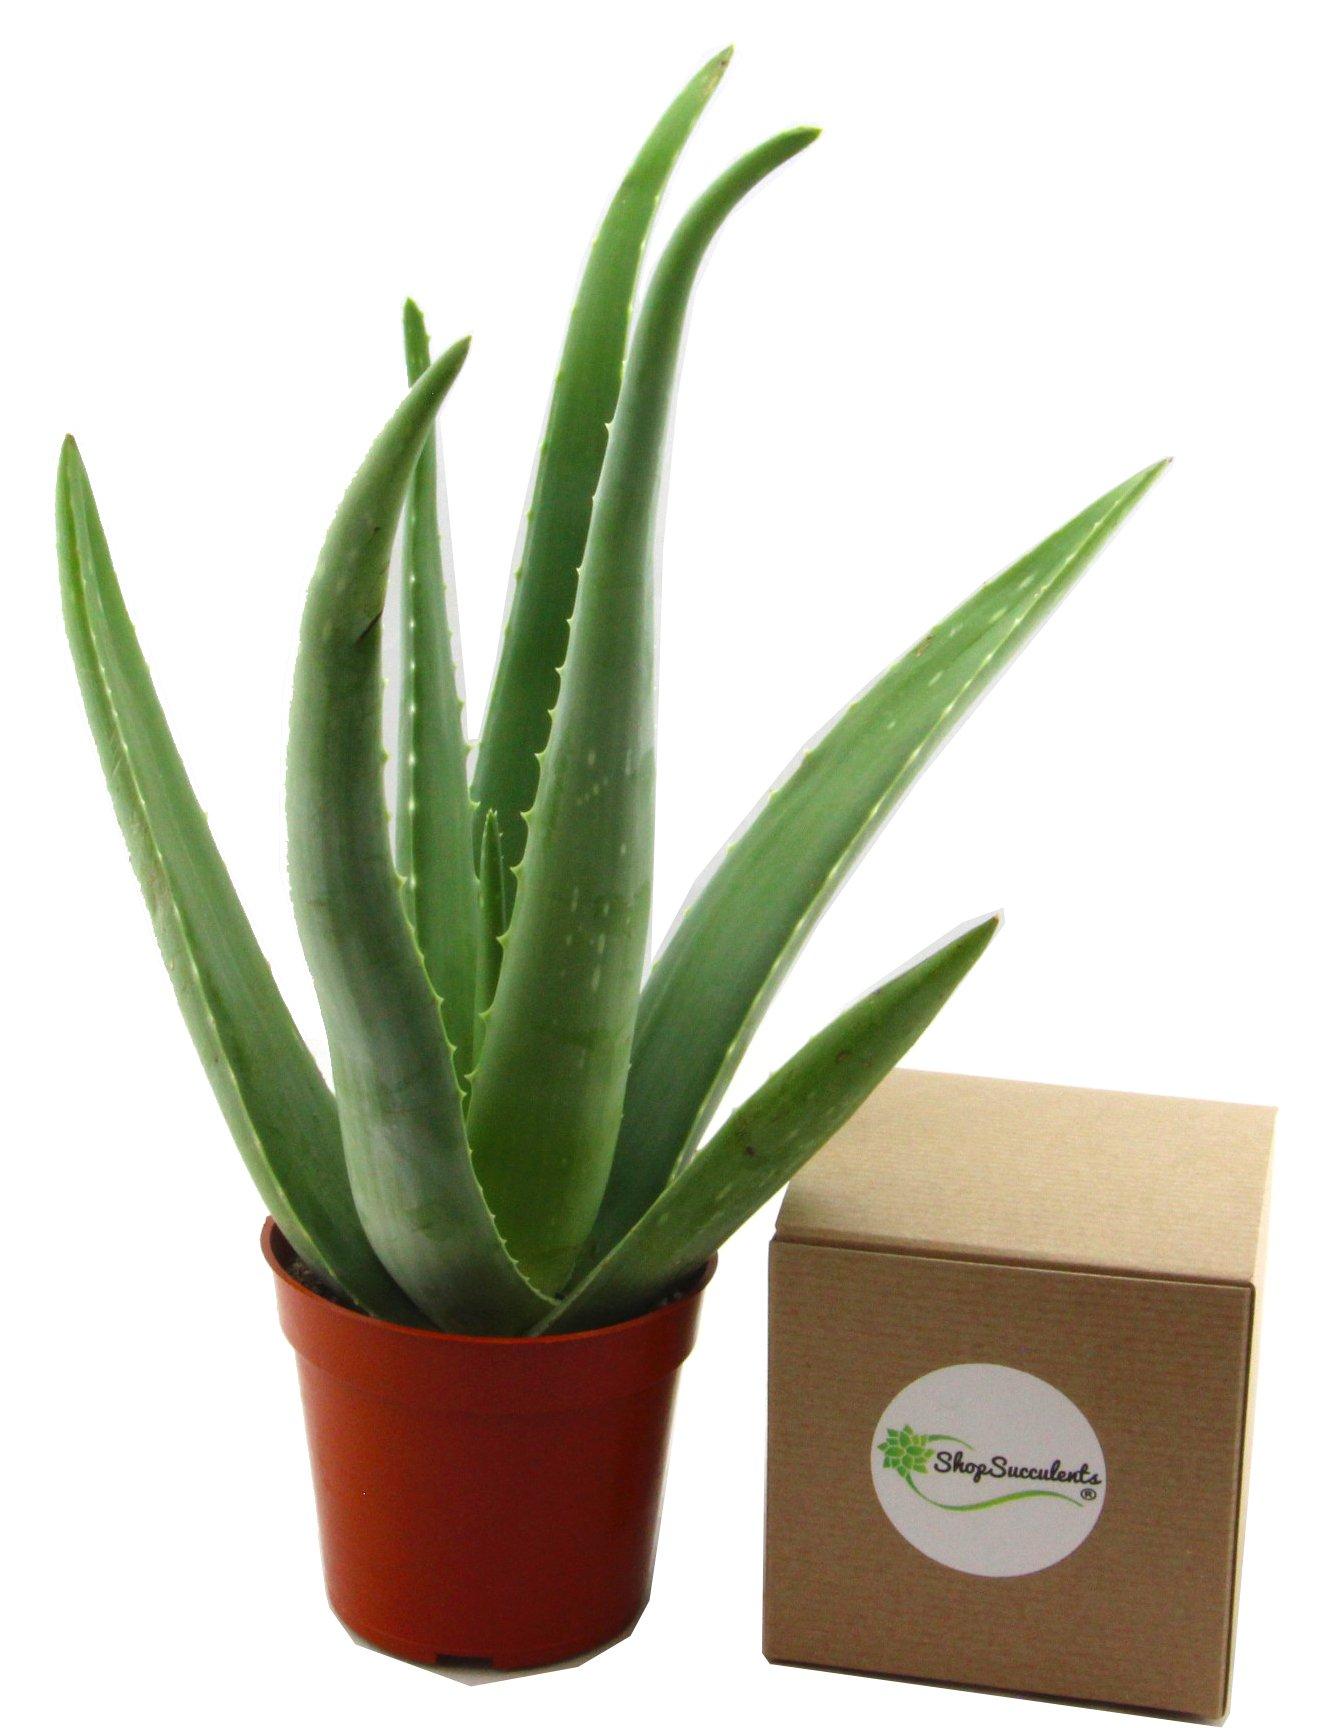 Shop Succulents 4'' Aloe Vera Plant (1)